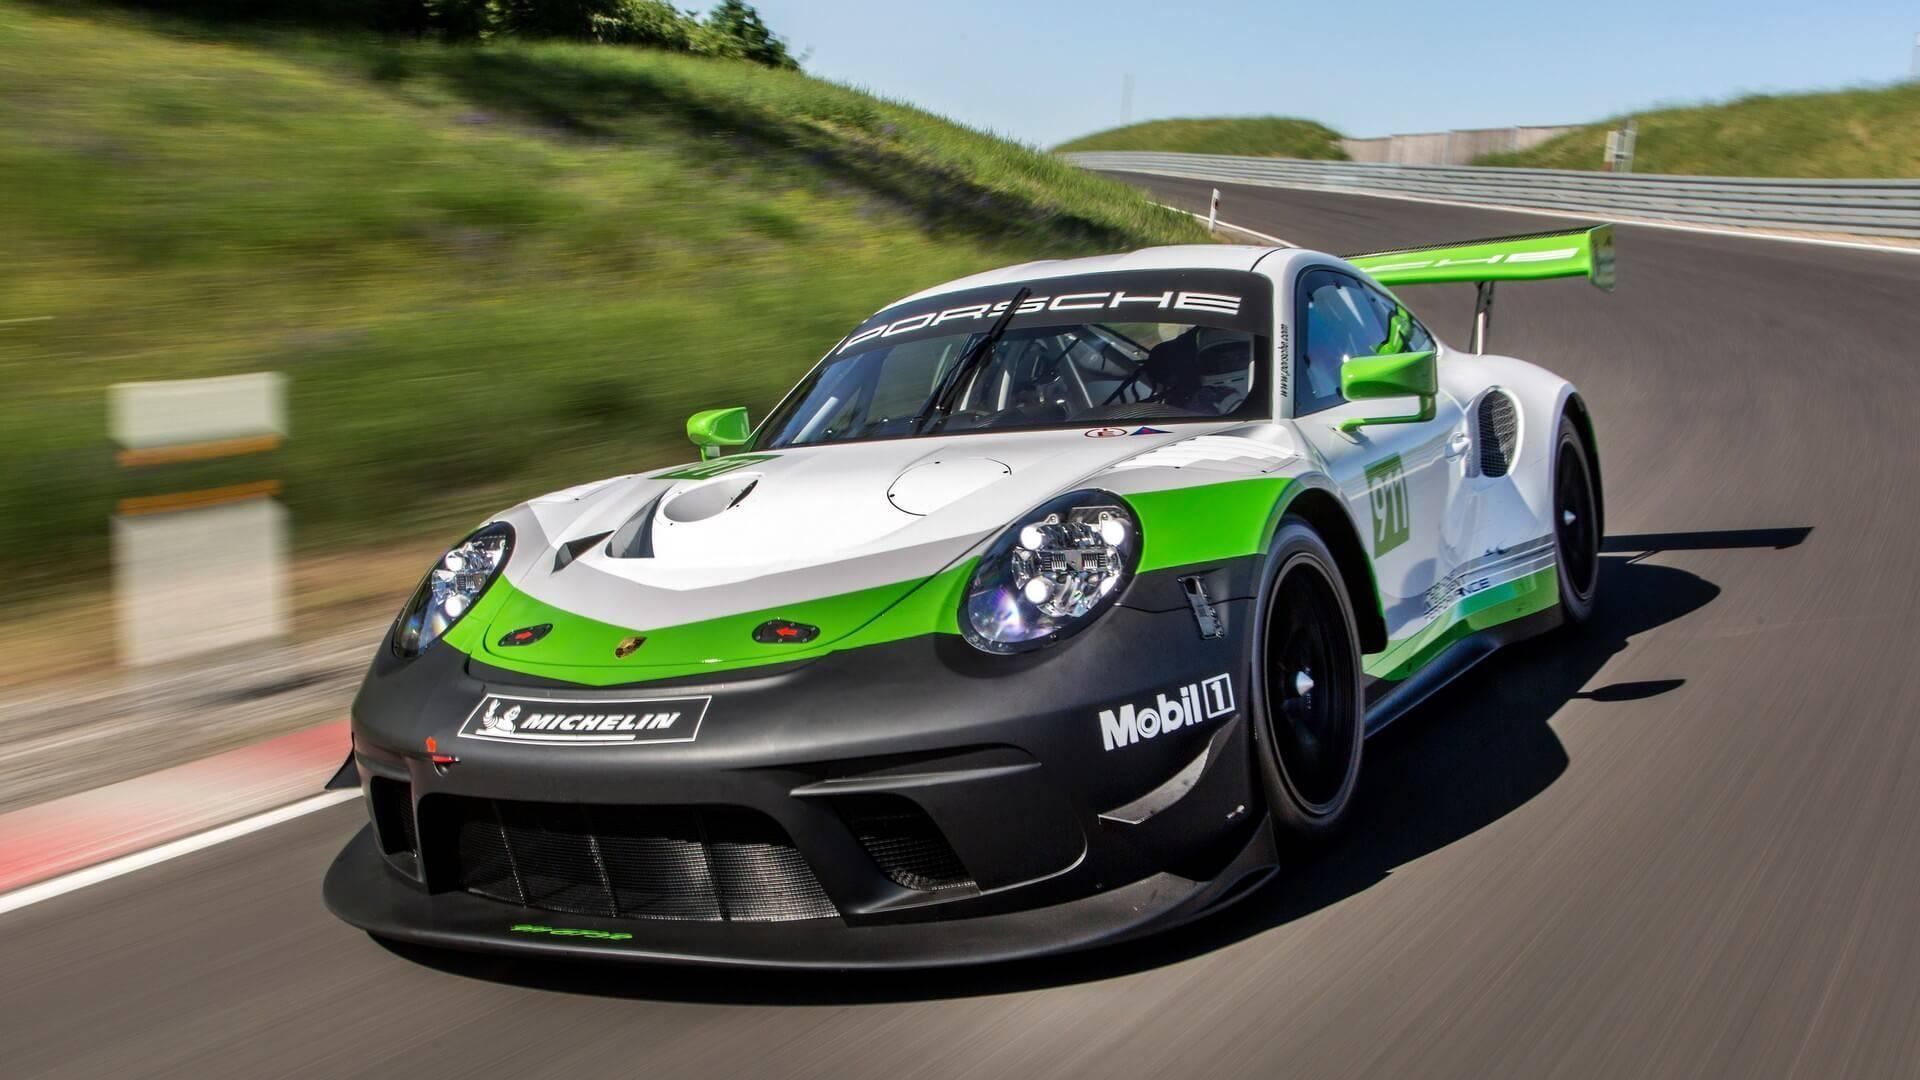 Официально представлен новый трековый спорткар Porsche 911 GT3 R